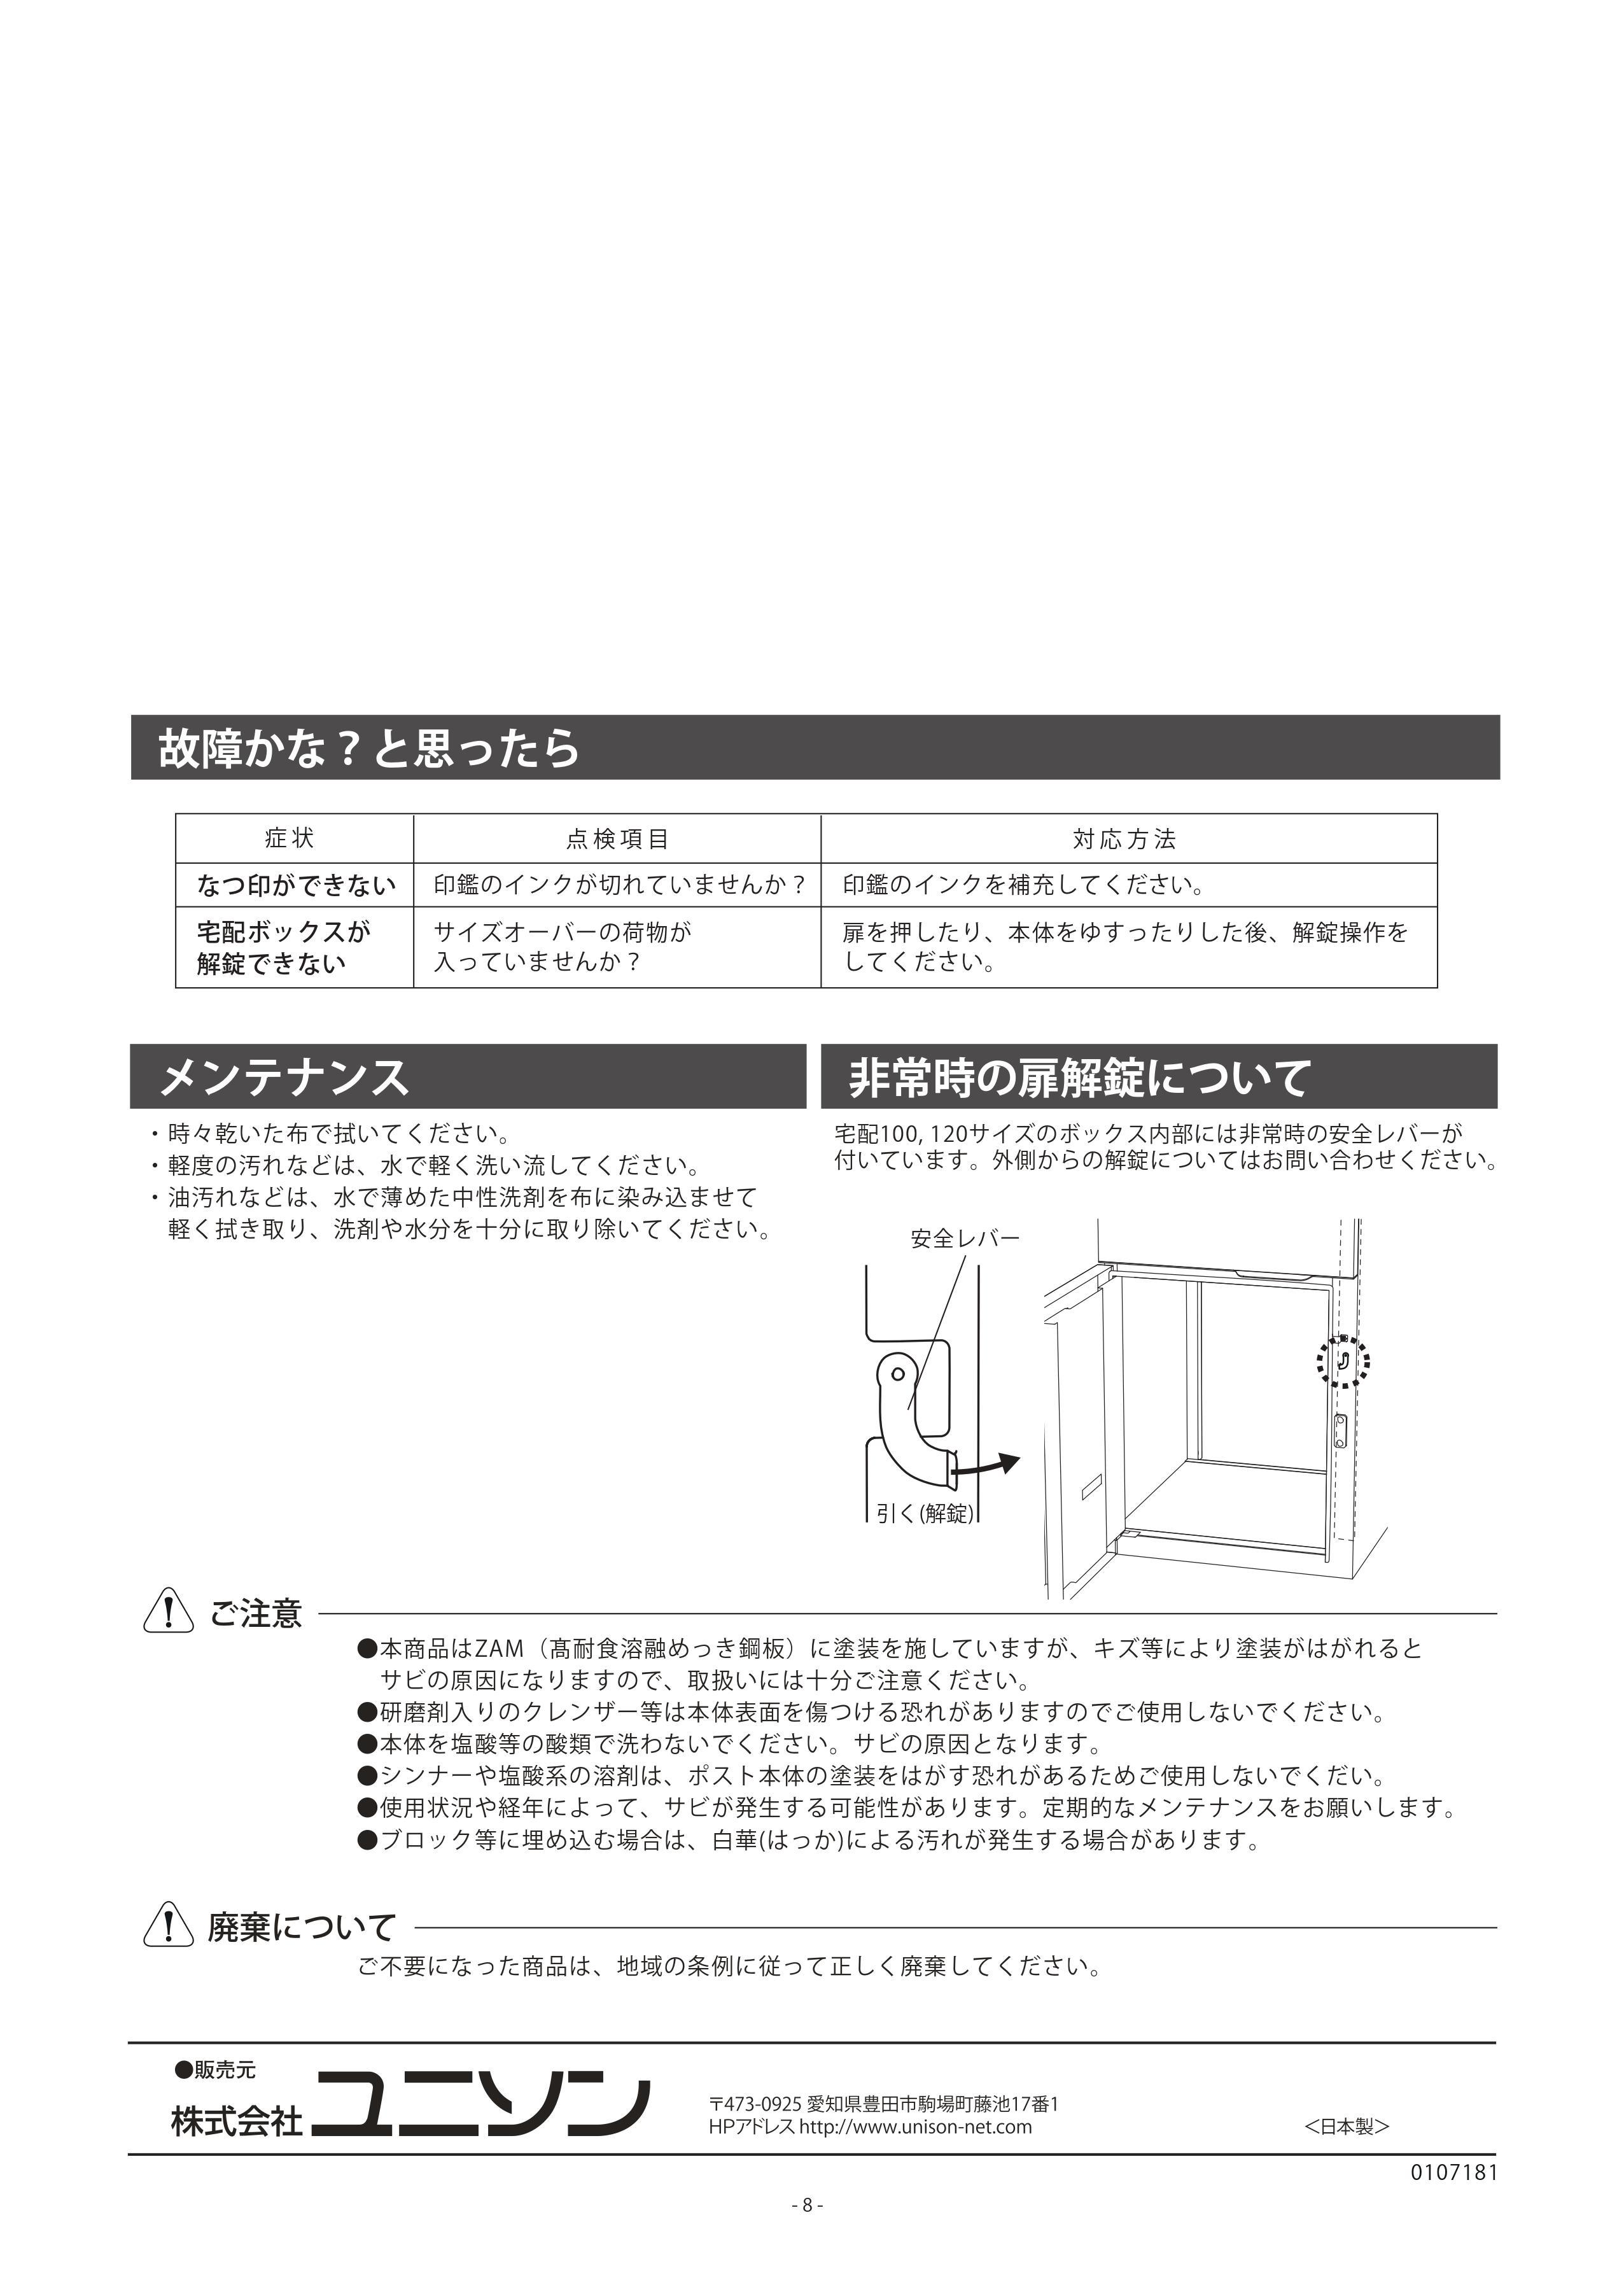 ヴィコDB埋込用台座_取扱説明書 (8)